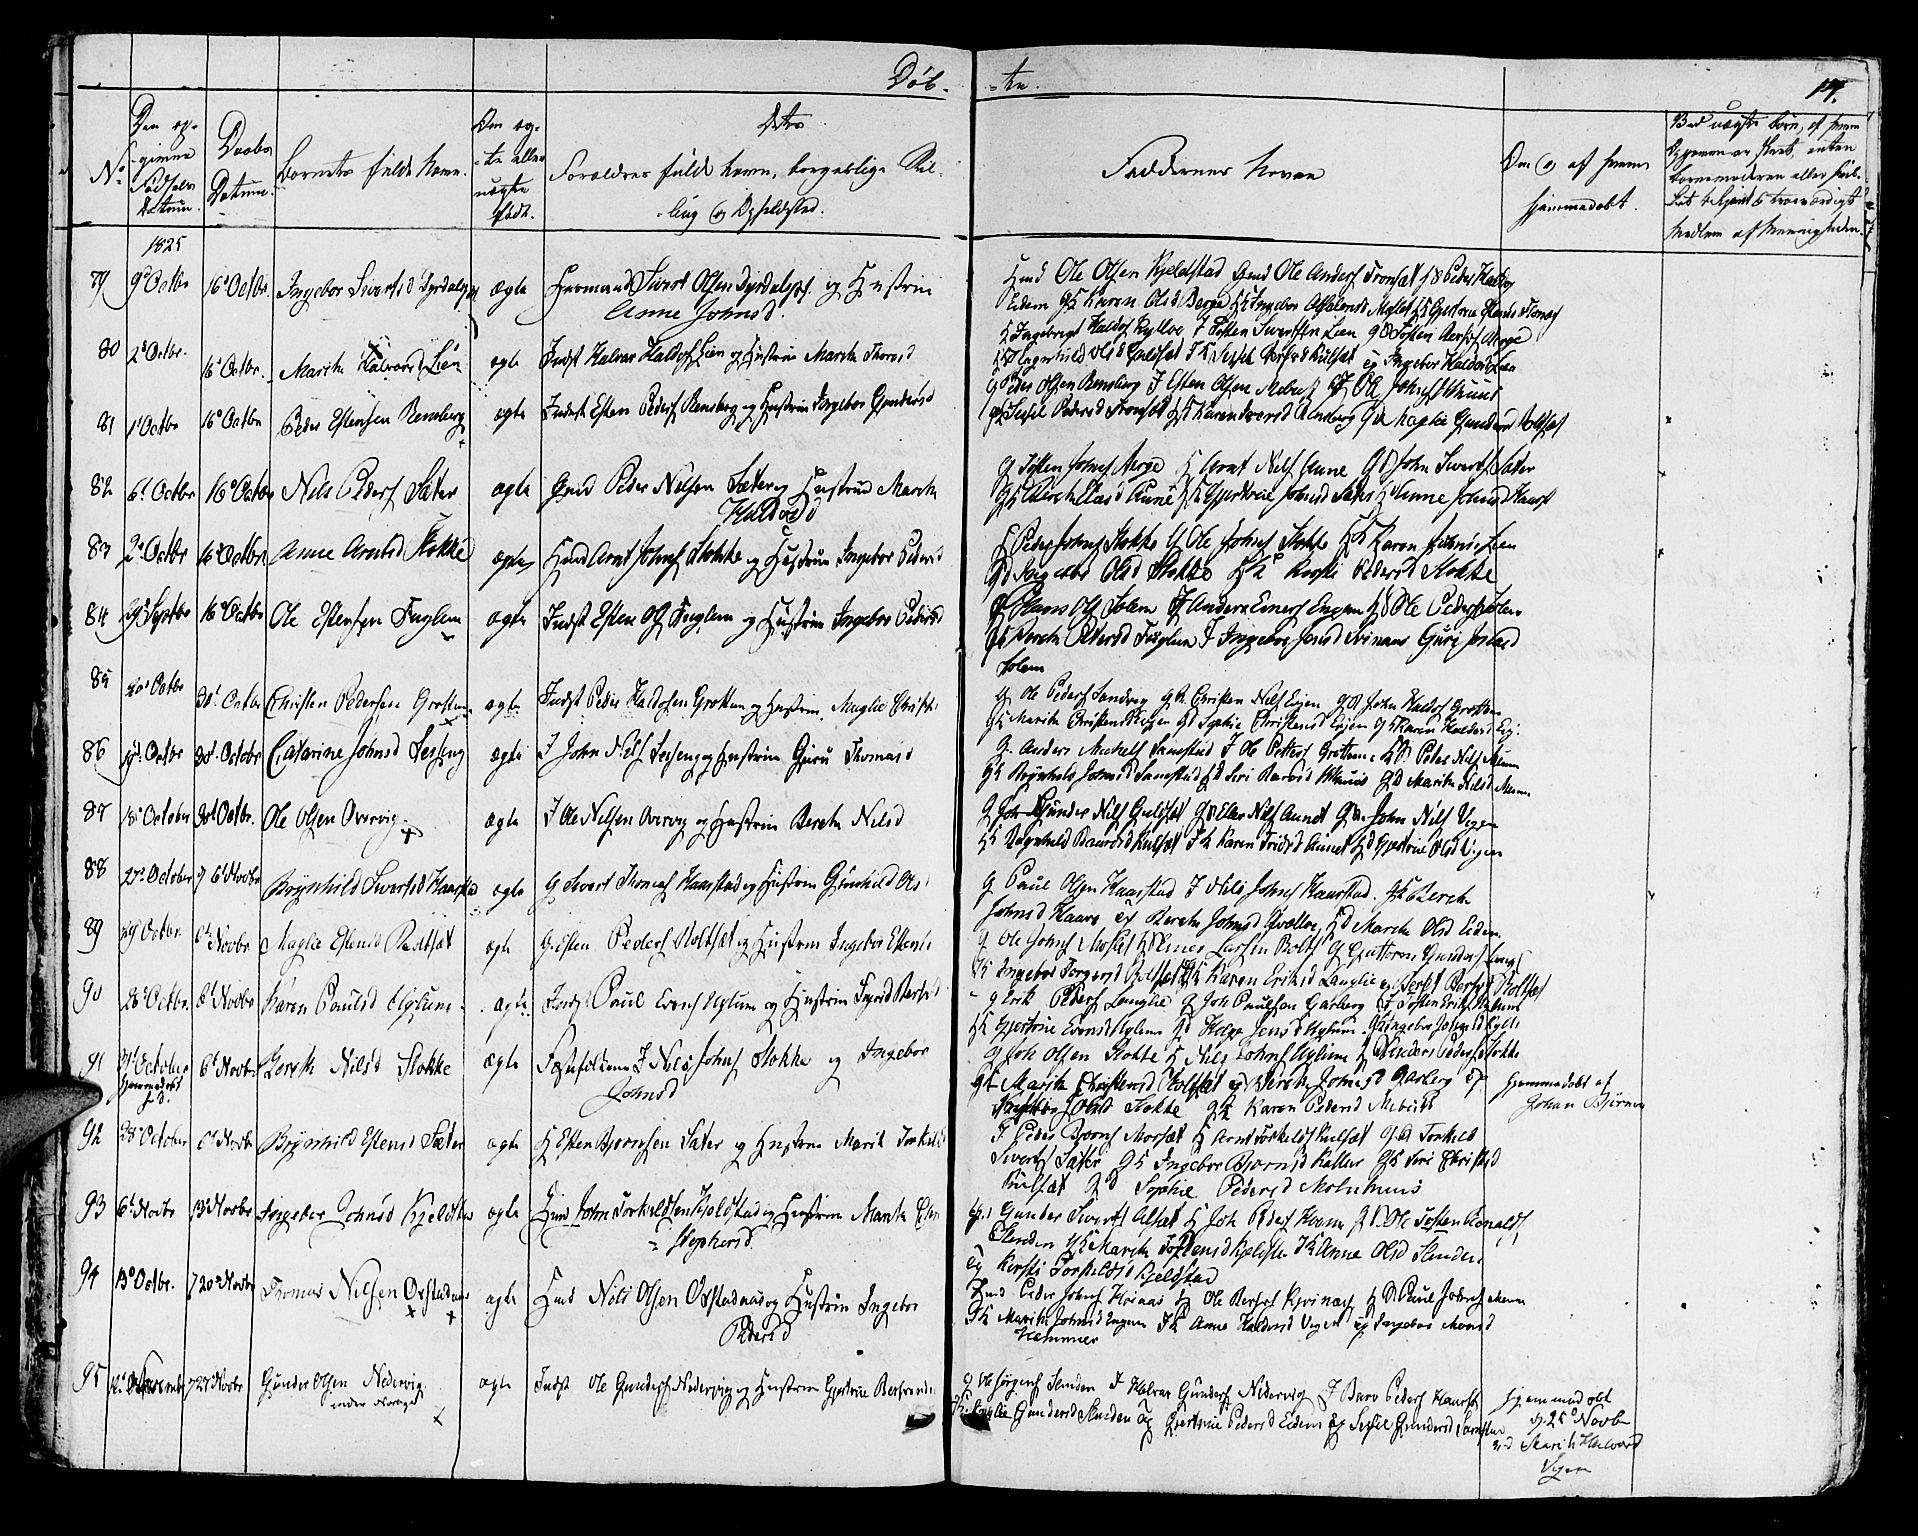 SAT, Ministerialprotokoller, klokkerbøker og fødselsregistre - Sør-Trøndelag, 695/L1143: Ministerialbok nr. 695A05 /1, 1824-1842, s. 14